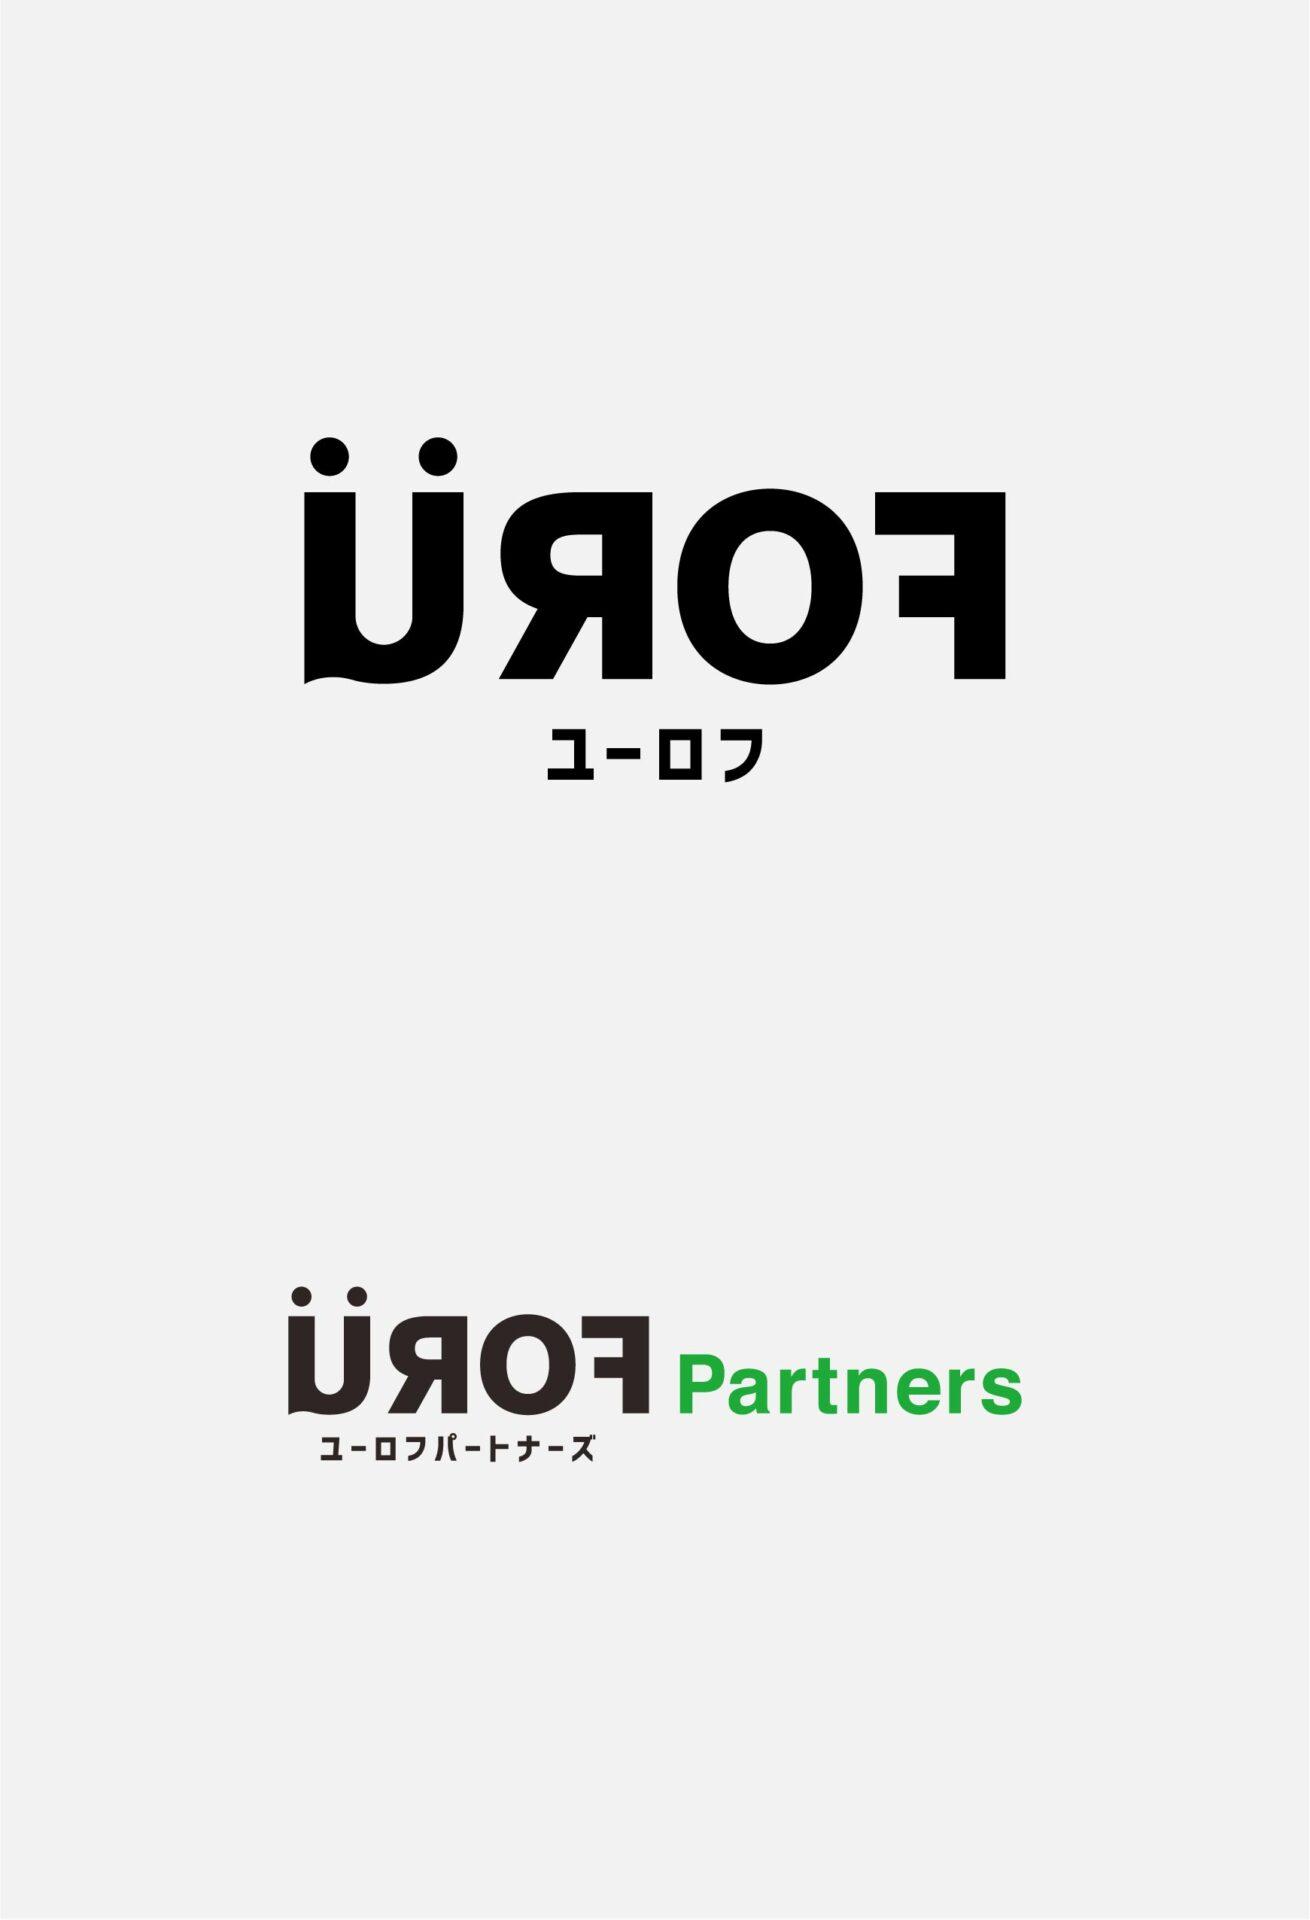 「UROF」の実績画像